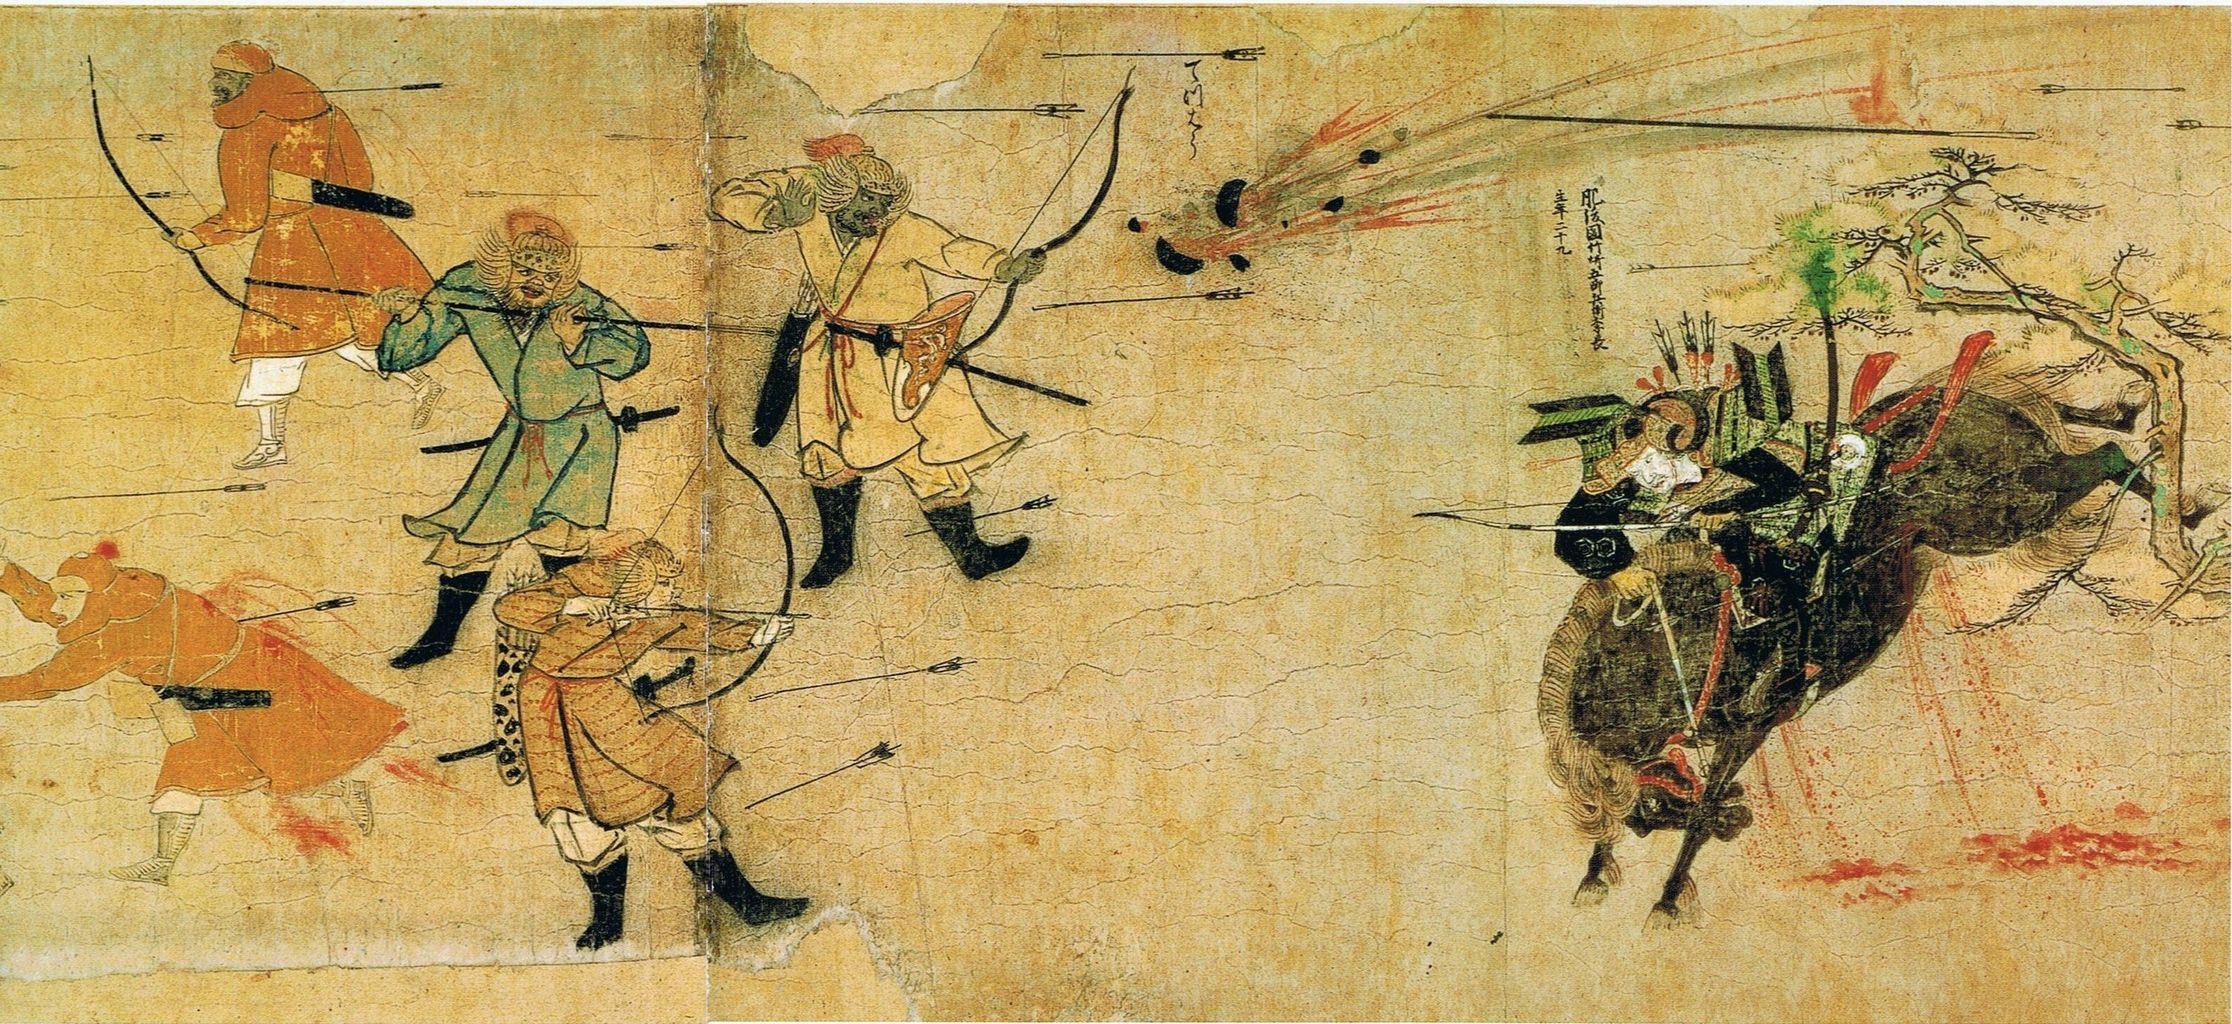 【間抜け】 日本軍が「やあやあ我こそは~」と呑気に名乗ってる隙に、モンゴル軍は弓矢を放った